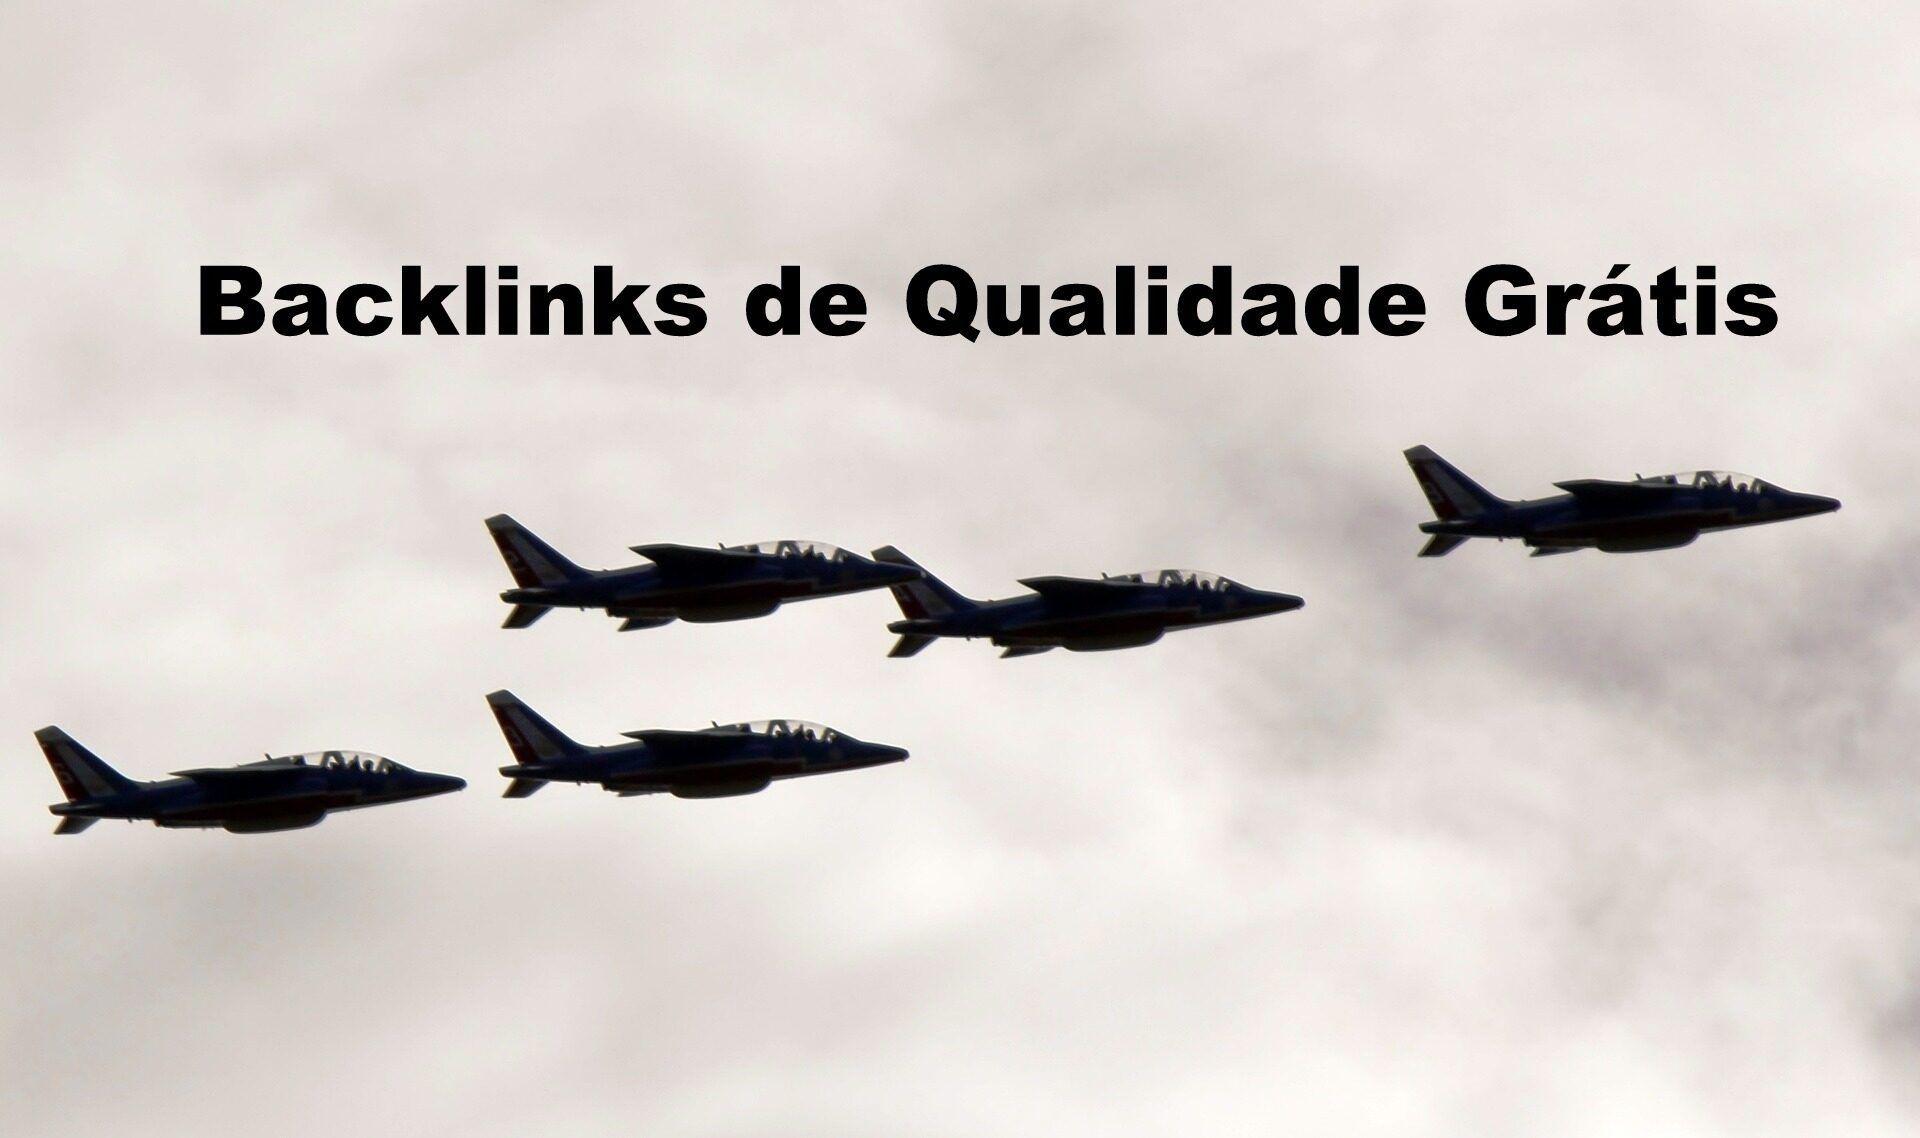 backlinks de qualidade grátis